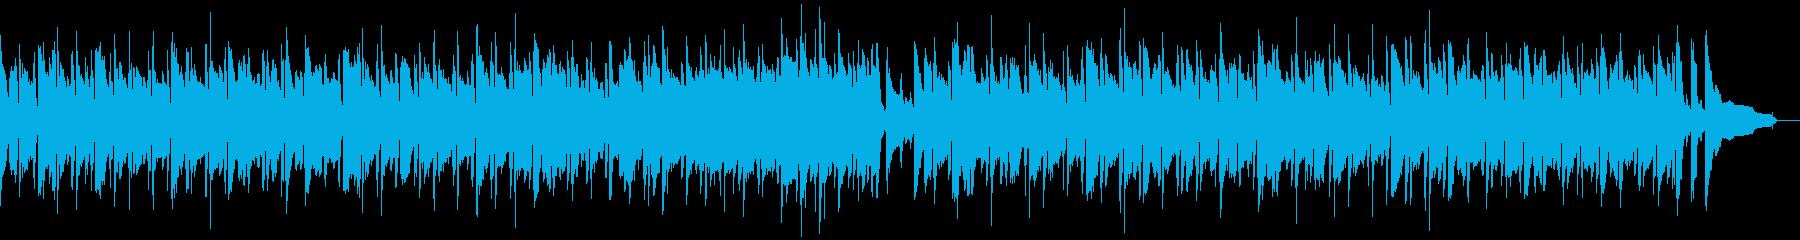 シンプルで心地の良いボサノバの再生済みの波形